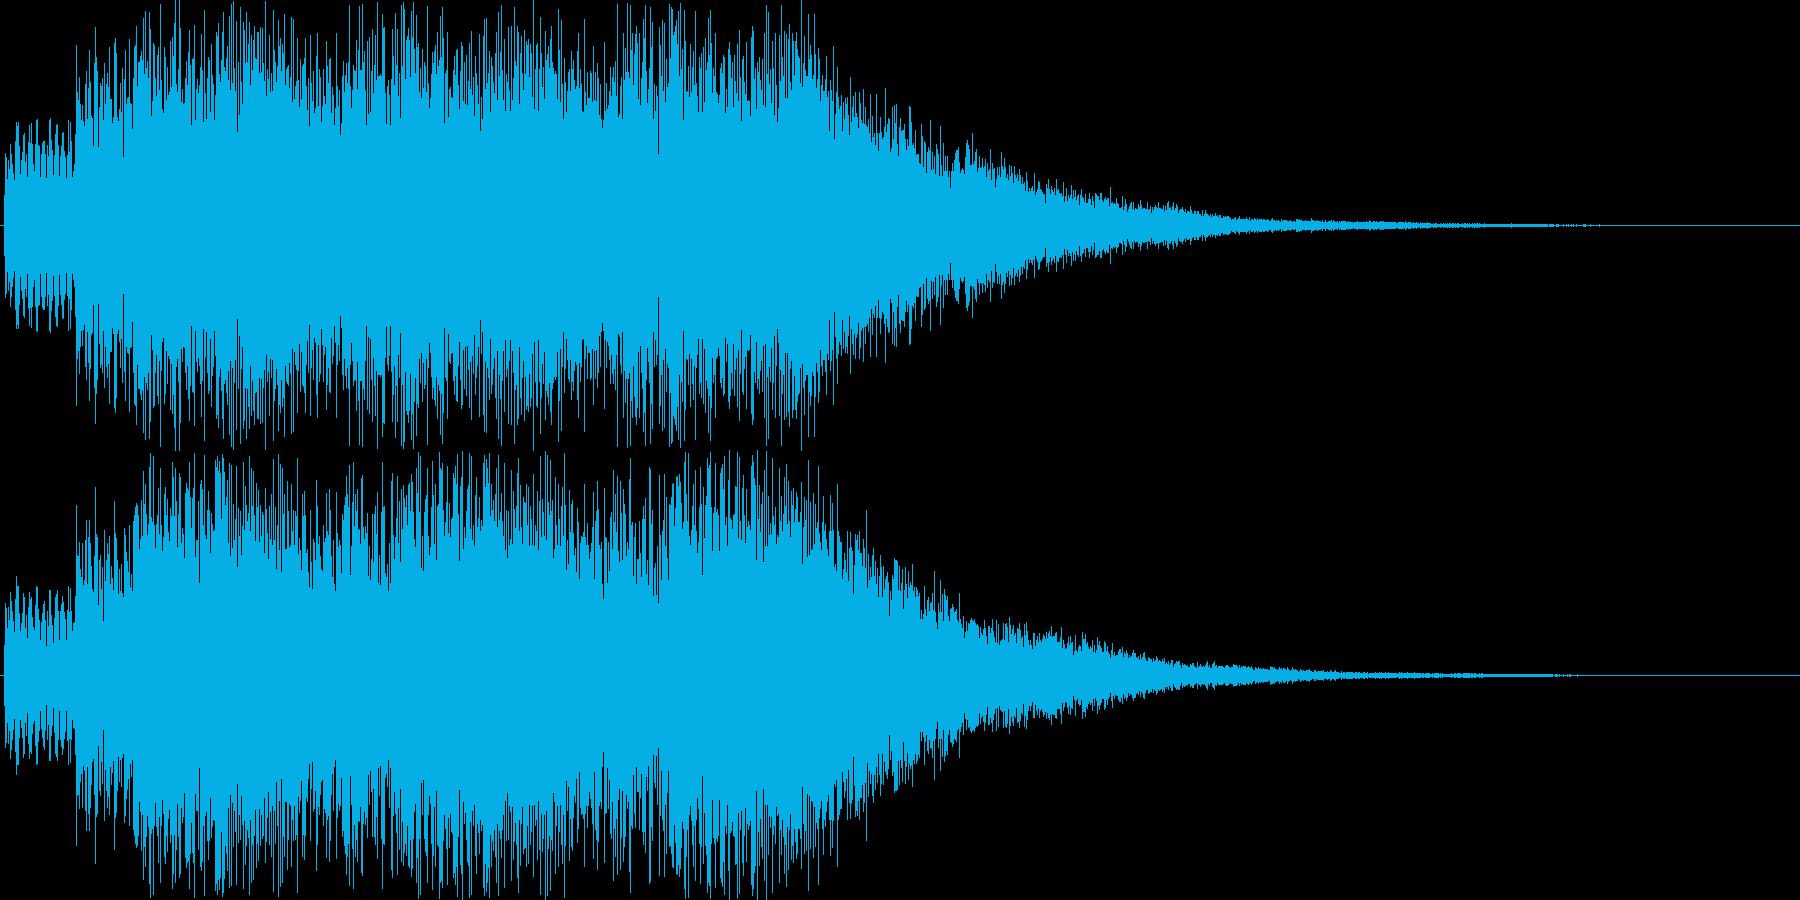 カジノゲームのカウントアップ音の再生済みの波形